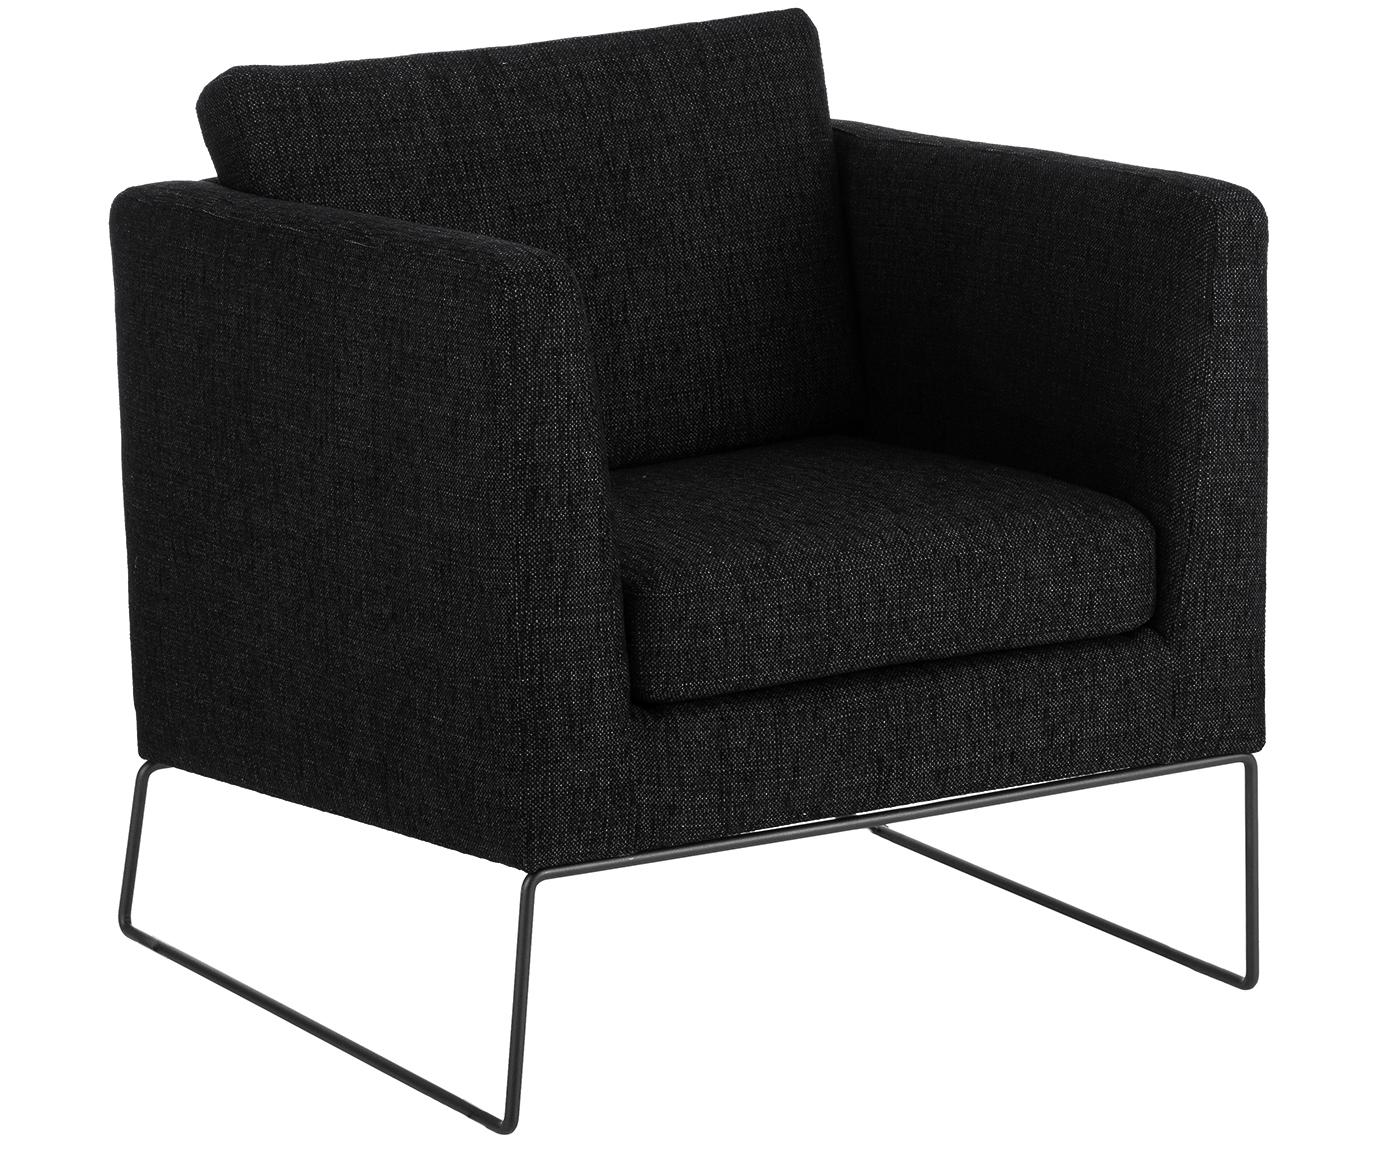 Fauteuil Milo, Bekleding: hoogwaardig polyesterhoes, Frame: grenenhout, Poten: gelakt metaal, Zwart, 77 x 75 cm